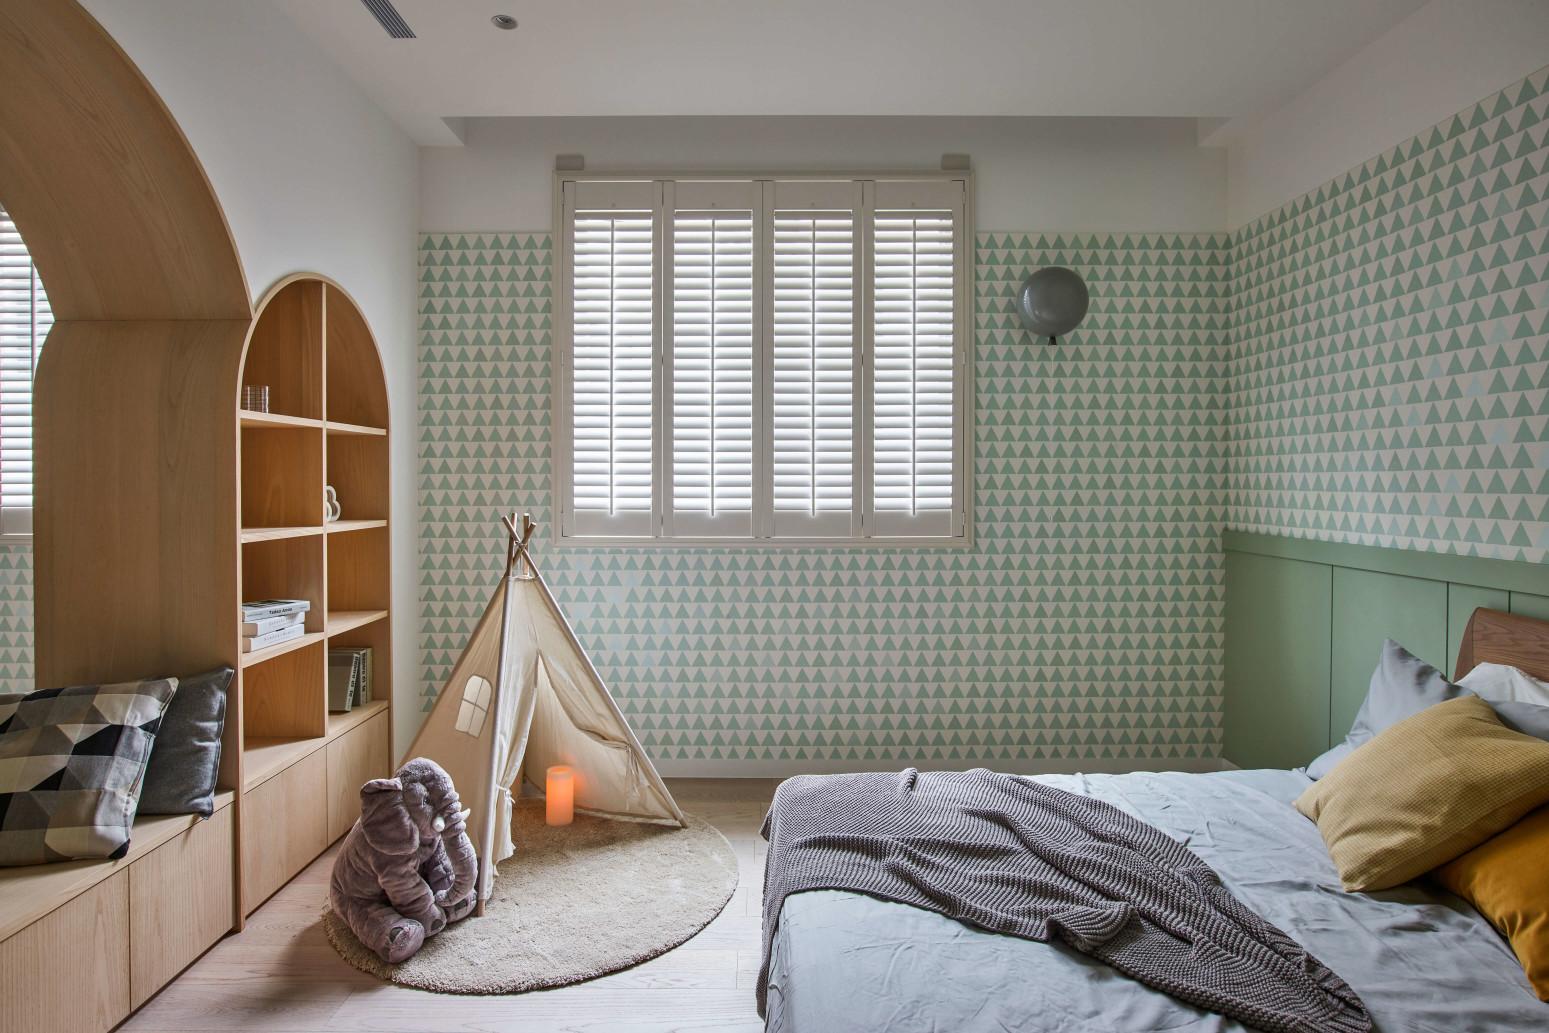 台中分子室內裝修設計 - 裝修住宅設計 - 自地自建 - 兒童臥室-小孩房